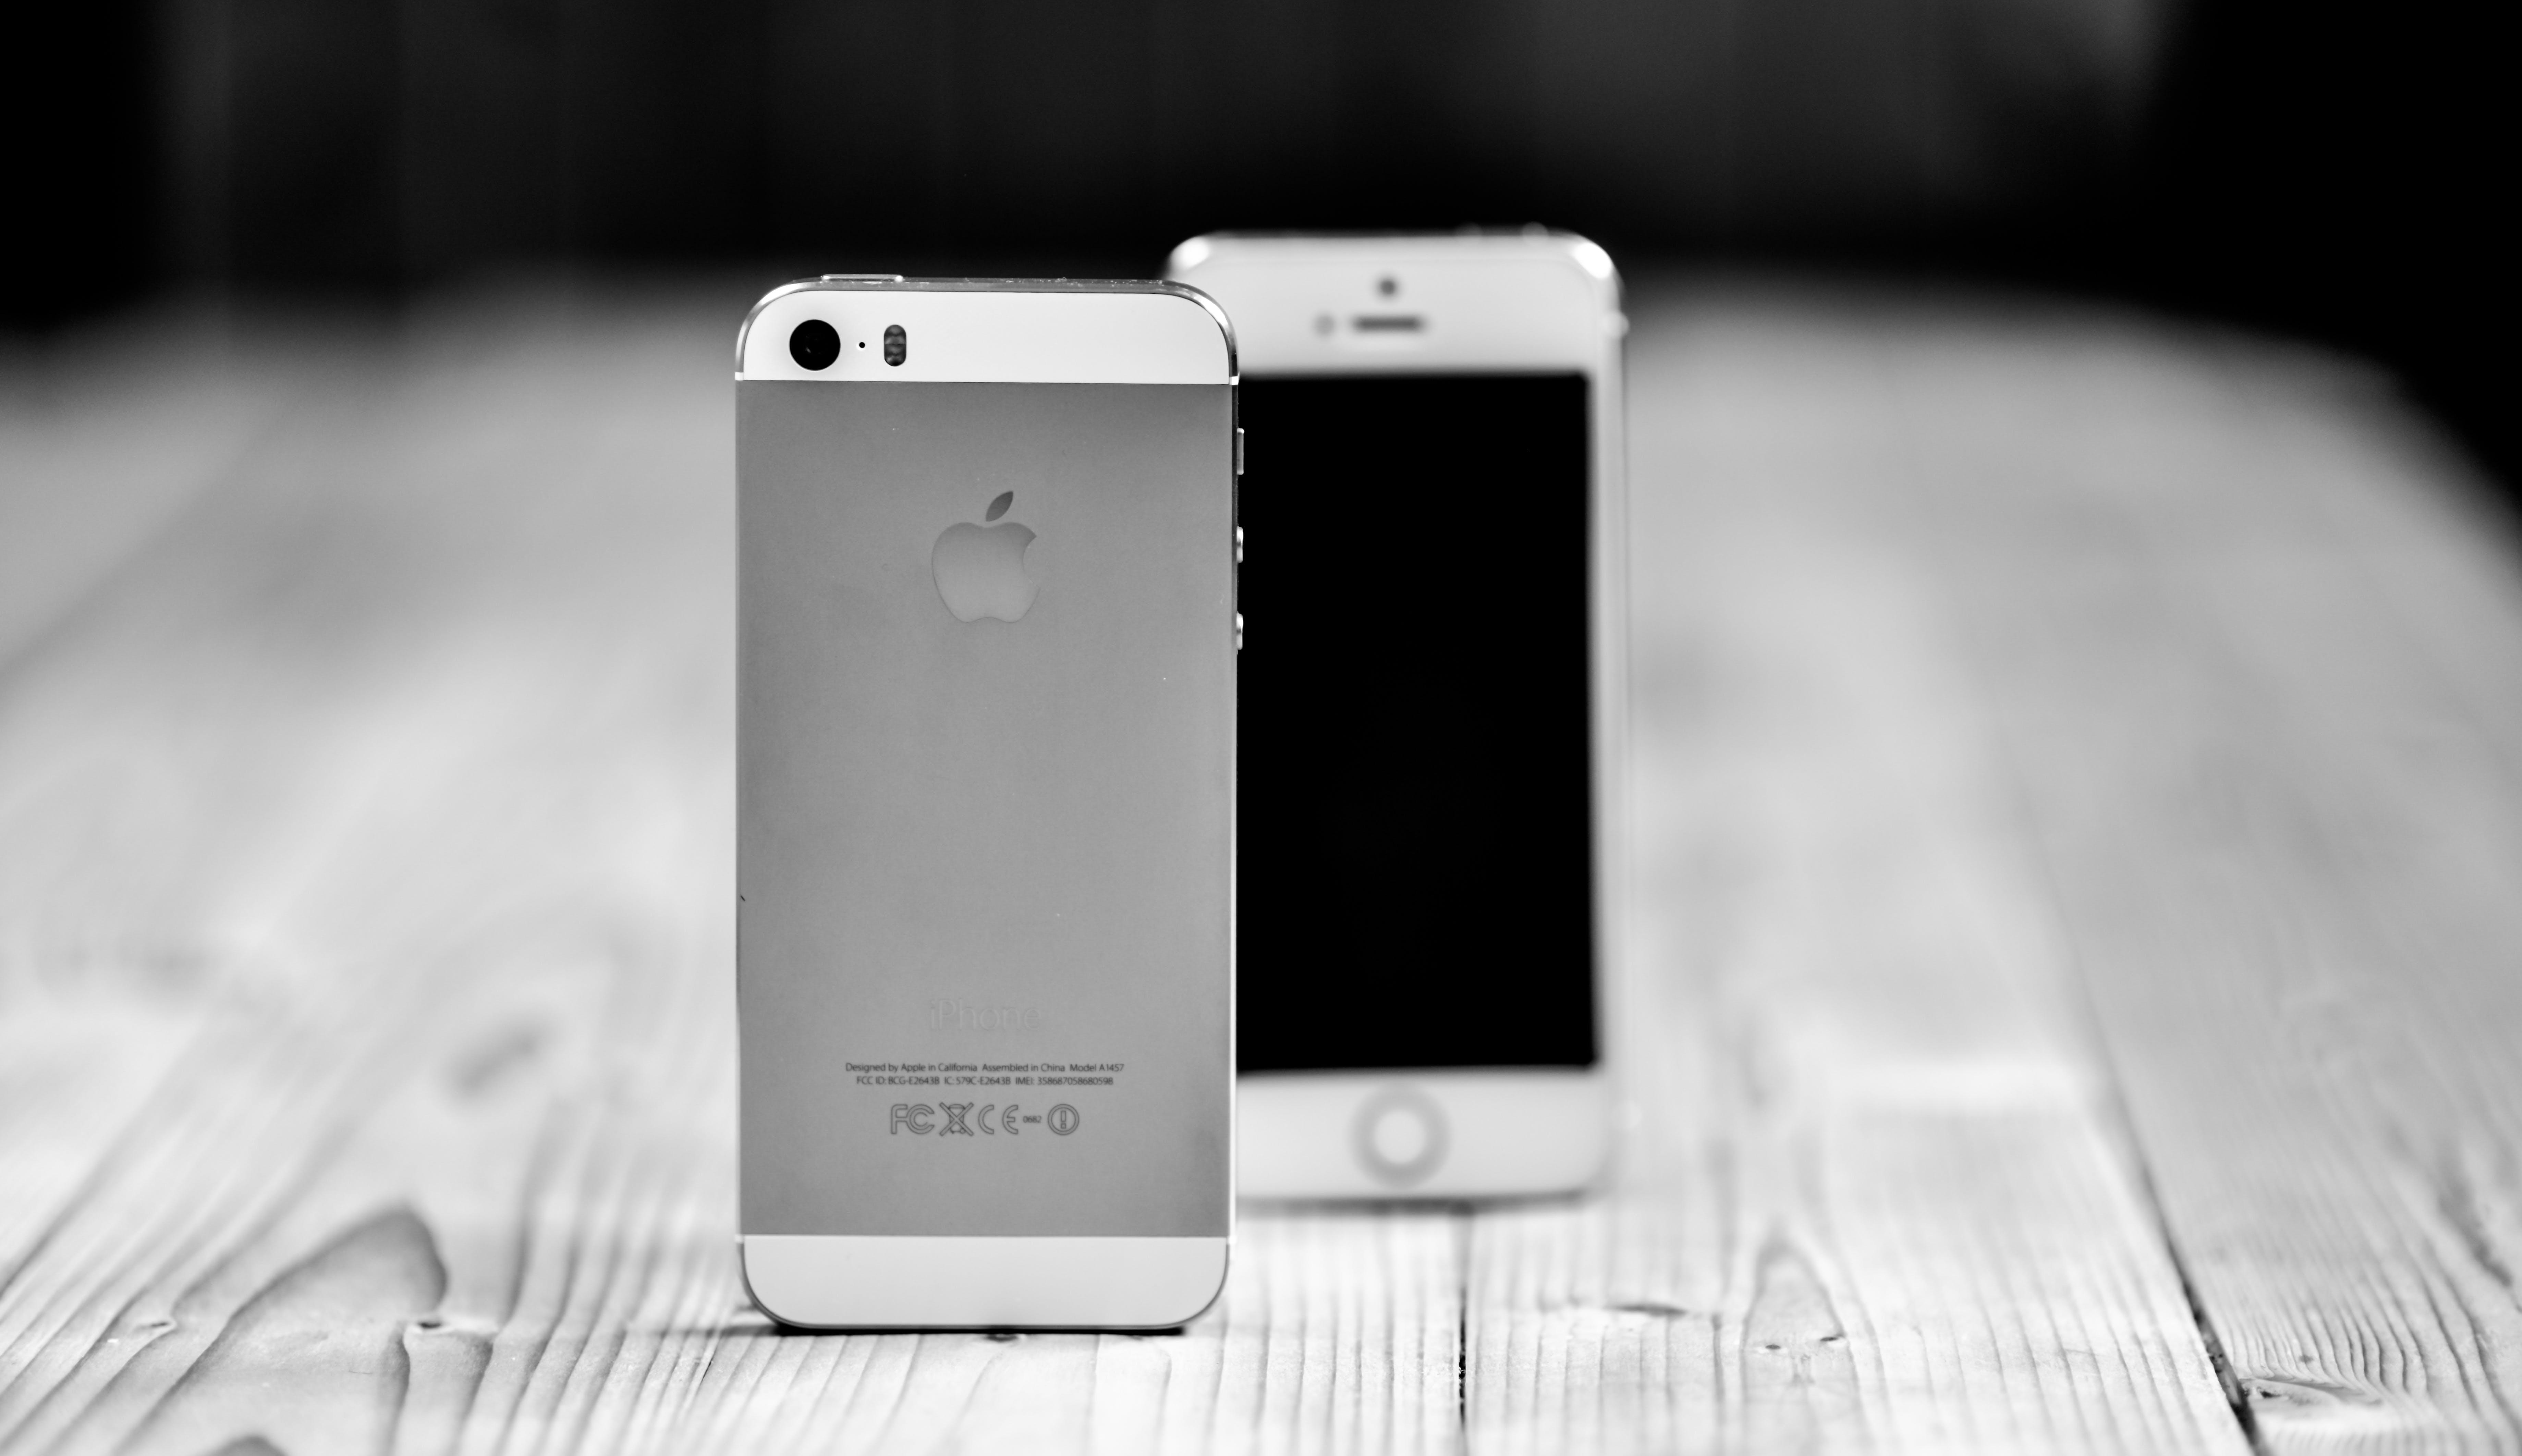 Kostnadsfri bild av äpple, bärbar, data, elektronik